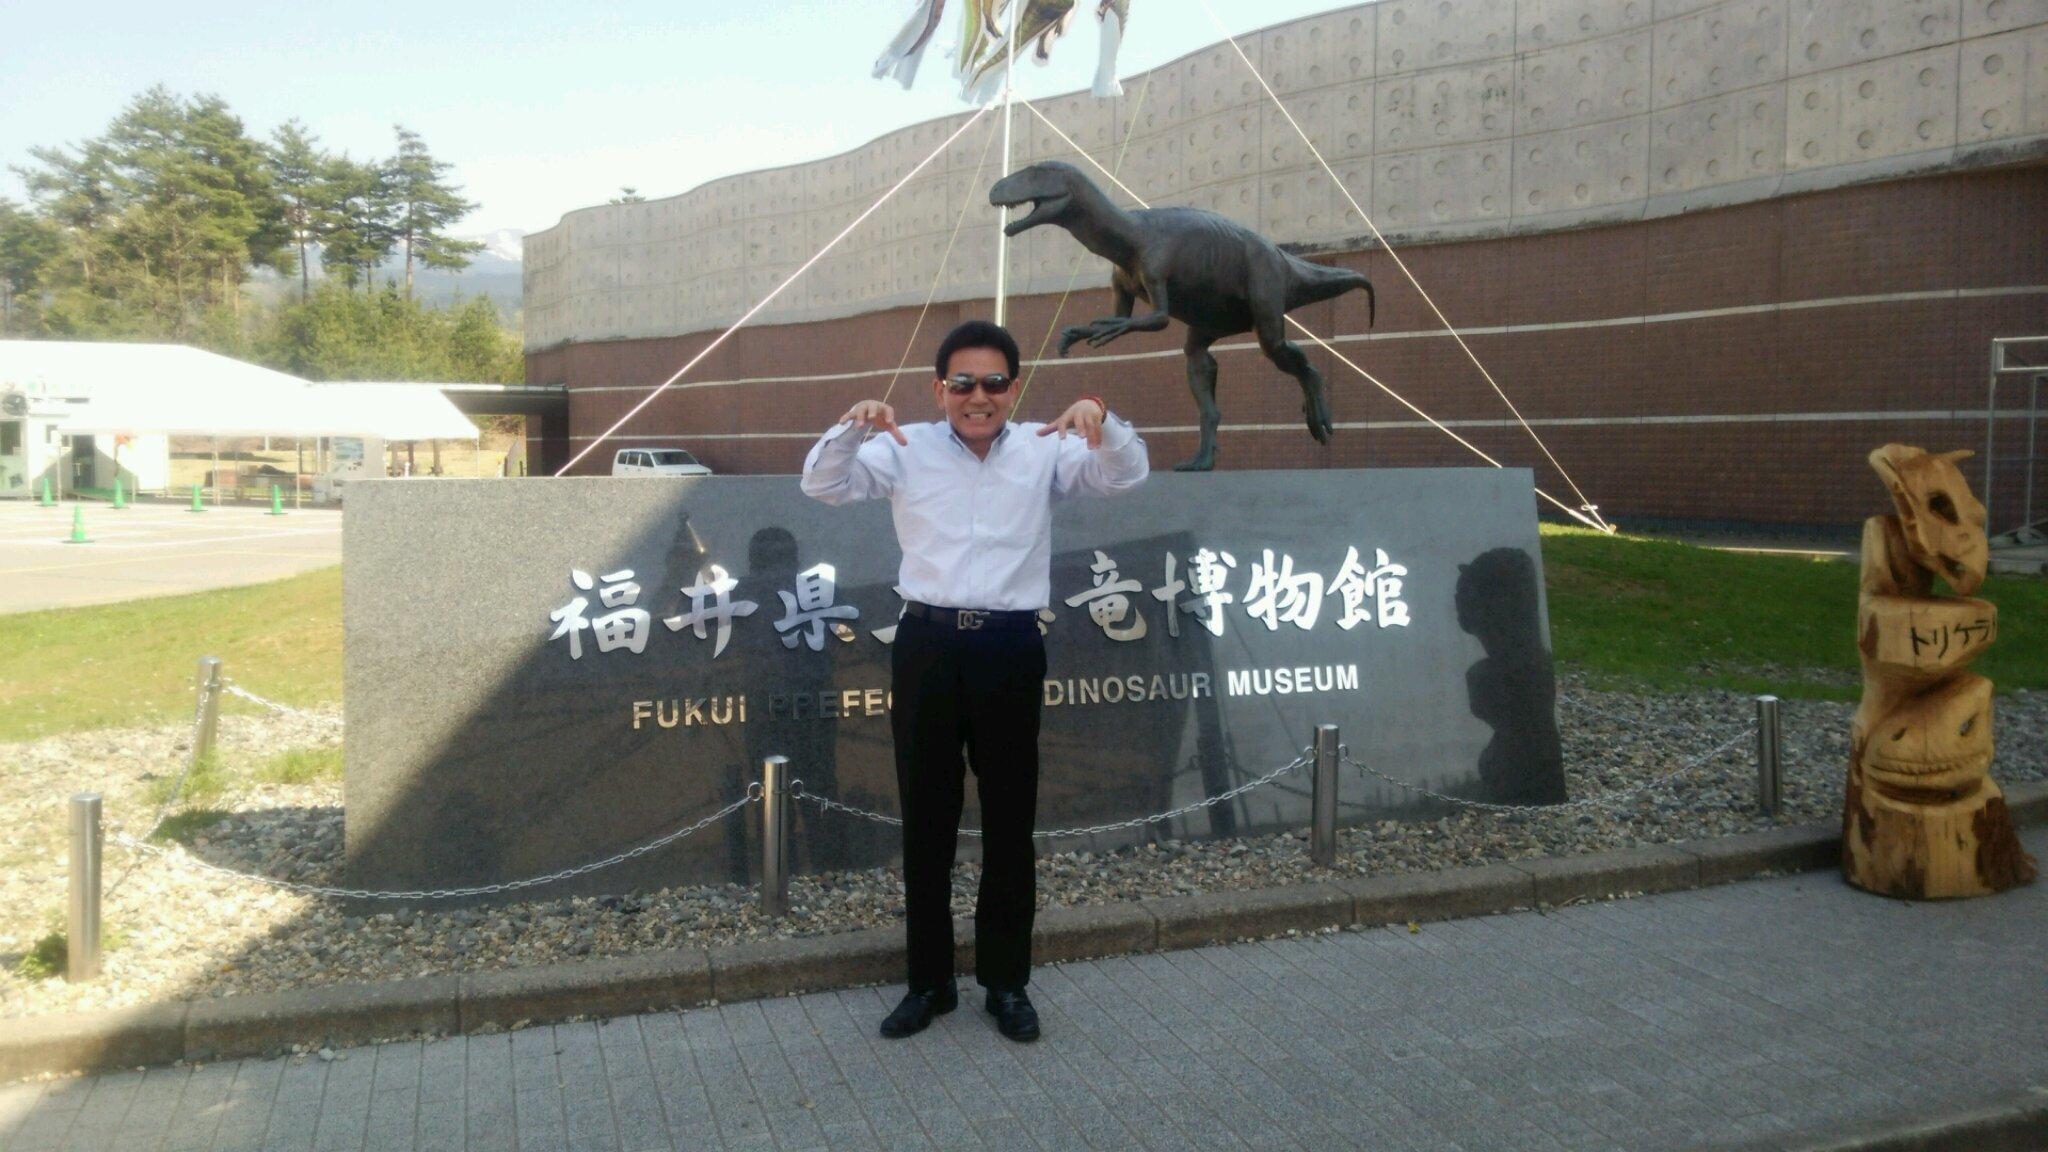 恐竜博物館へ行き、ビックリがいっぱい! 福井は最高!_e0119092_11004377.jpg